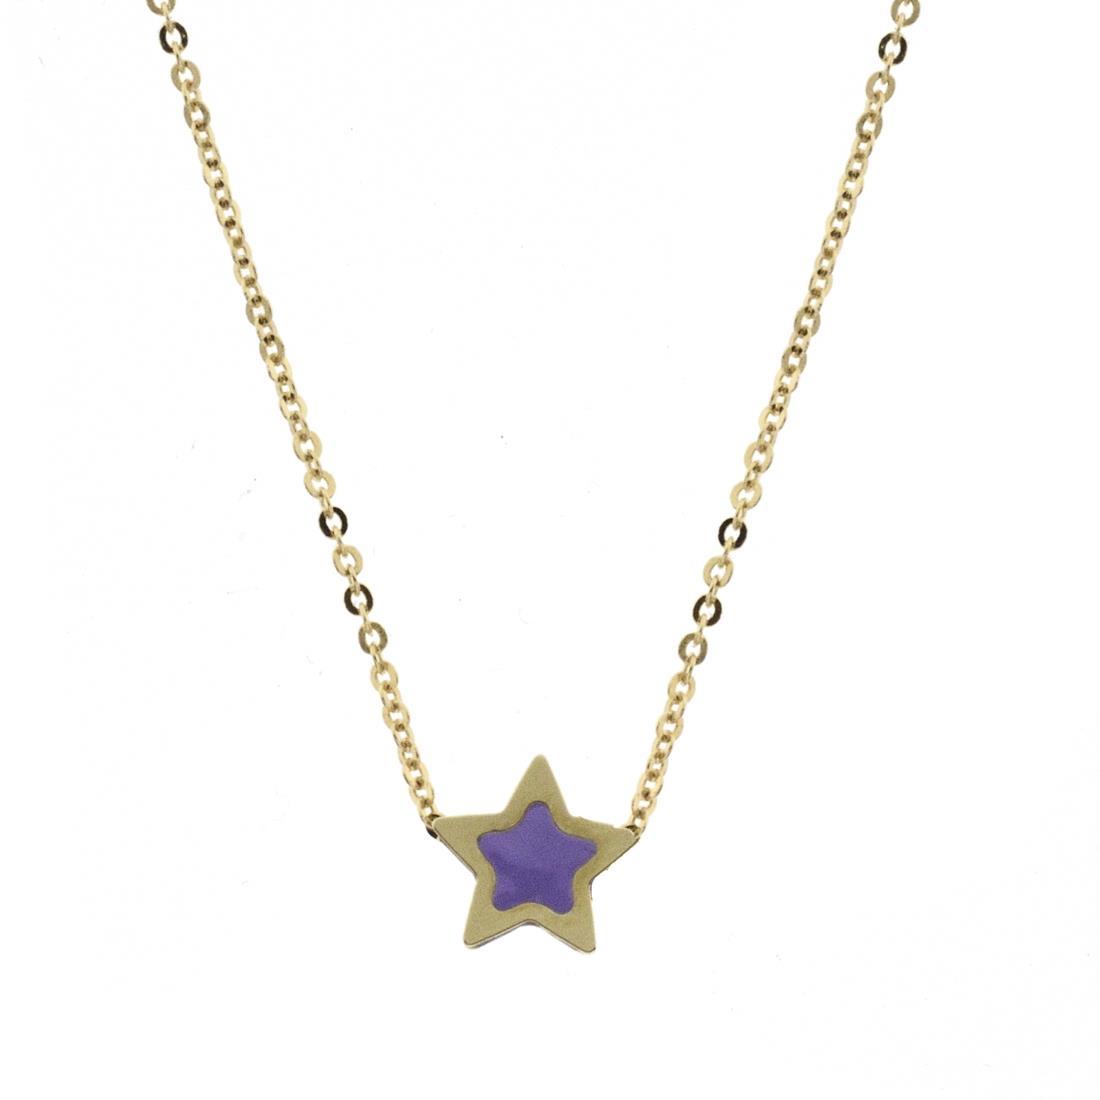 Collana in oro giallo, pendente a stella con smalto lilla - ORO&CO